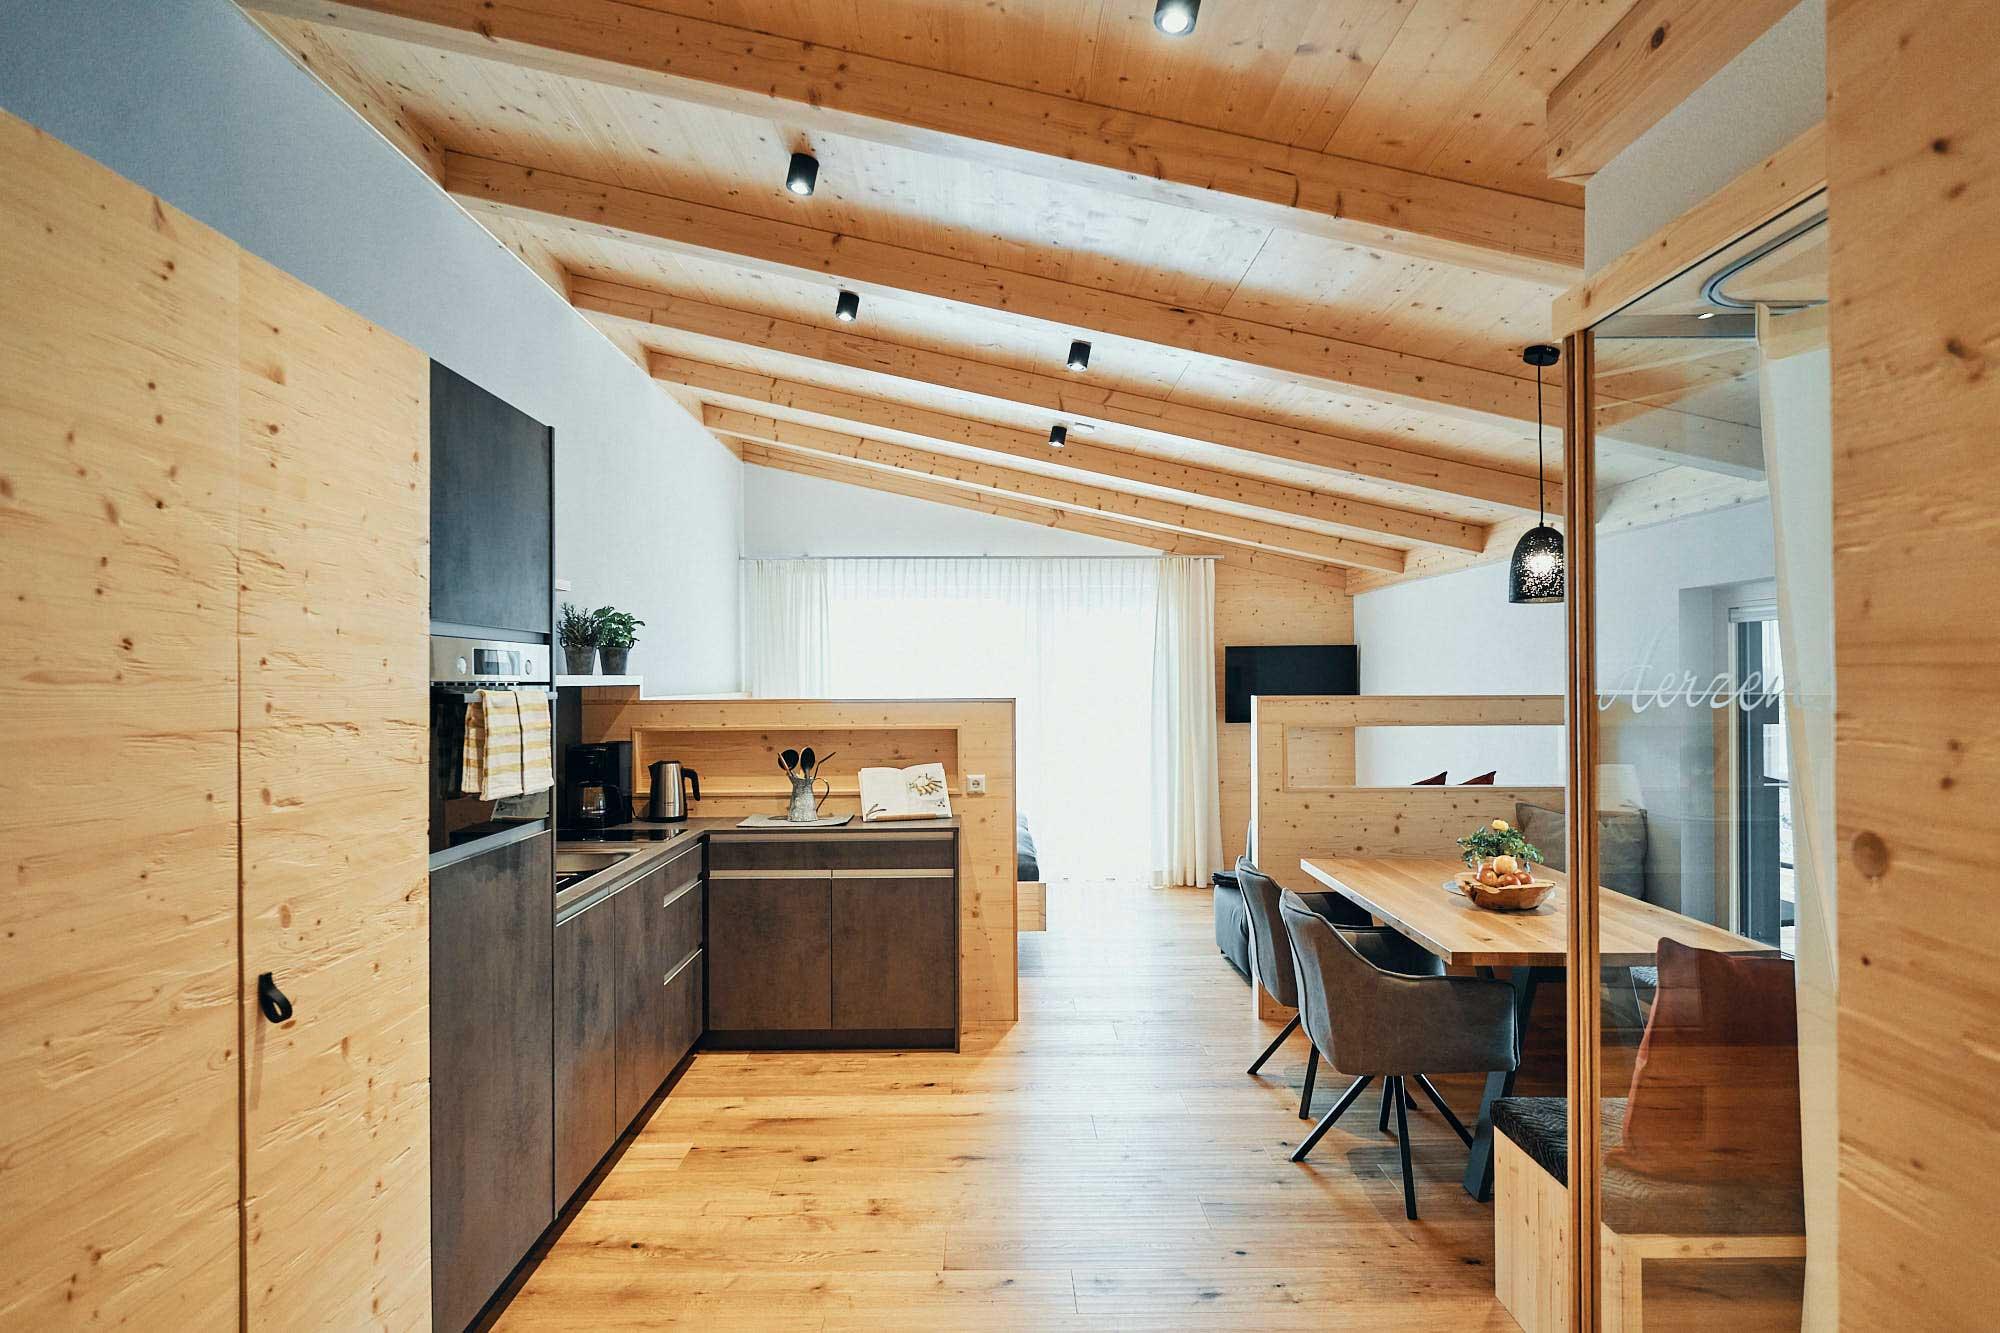 ECHTZEIT Ferien Apartments - Herzenswunsch - Wohnbereich